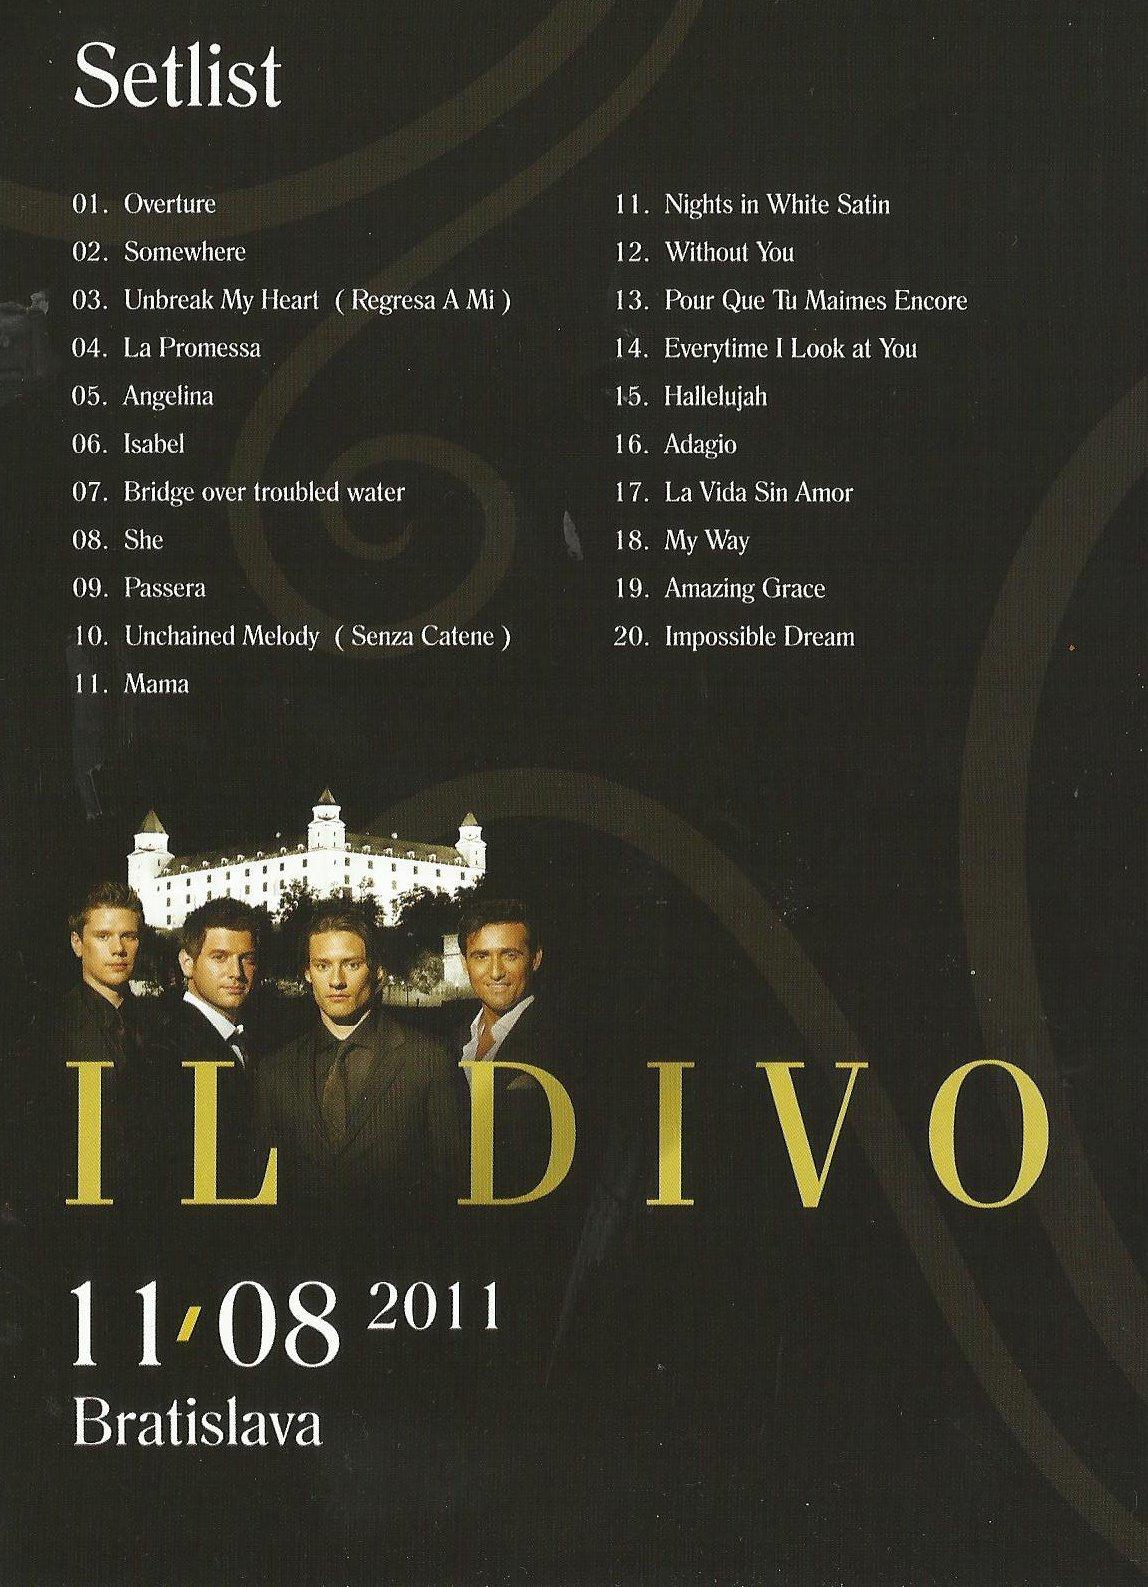 Il divo em bratislava concerto de 11 08 2011 renattha - Il divo la promessa ...